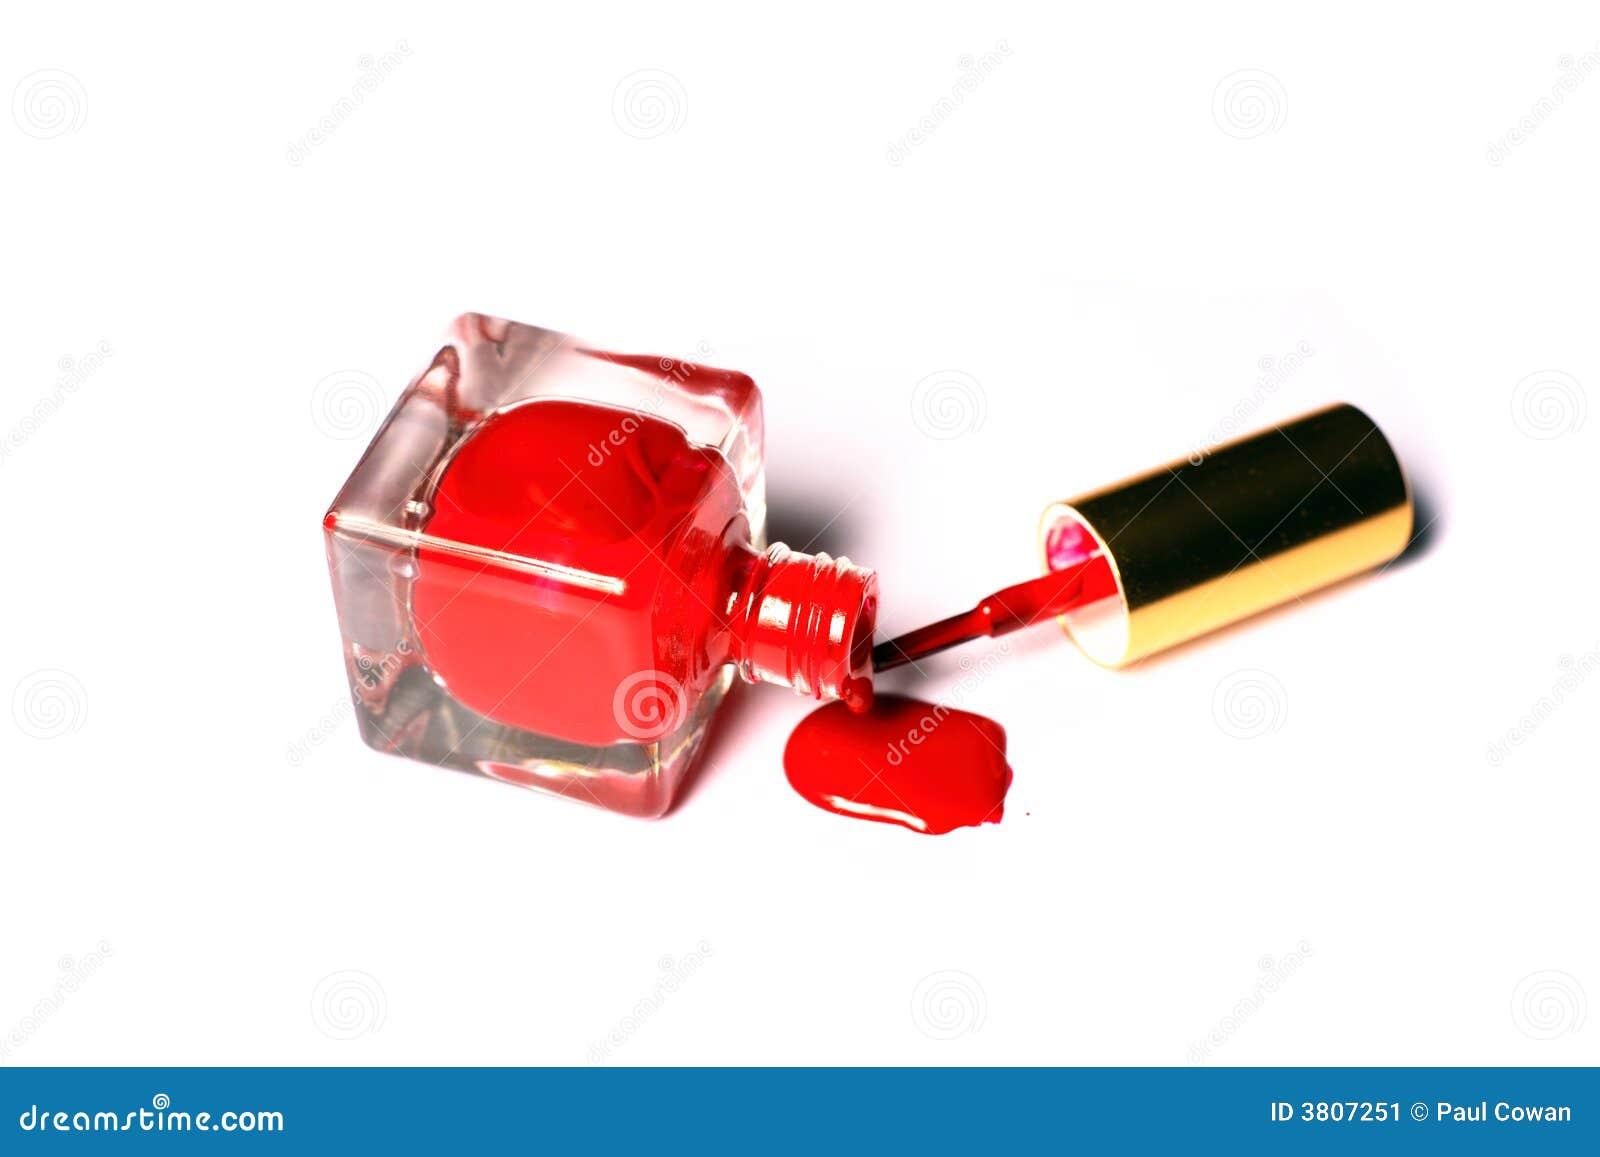 Spilt Nailpolish Bottle Brush Stock Image - Image: 3807251